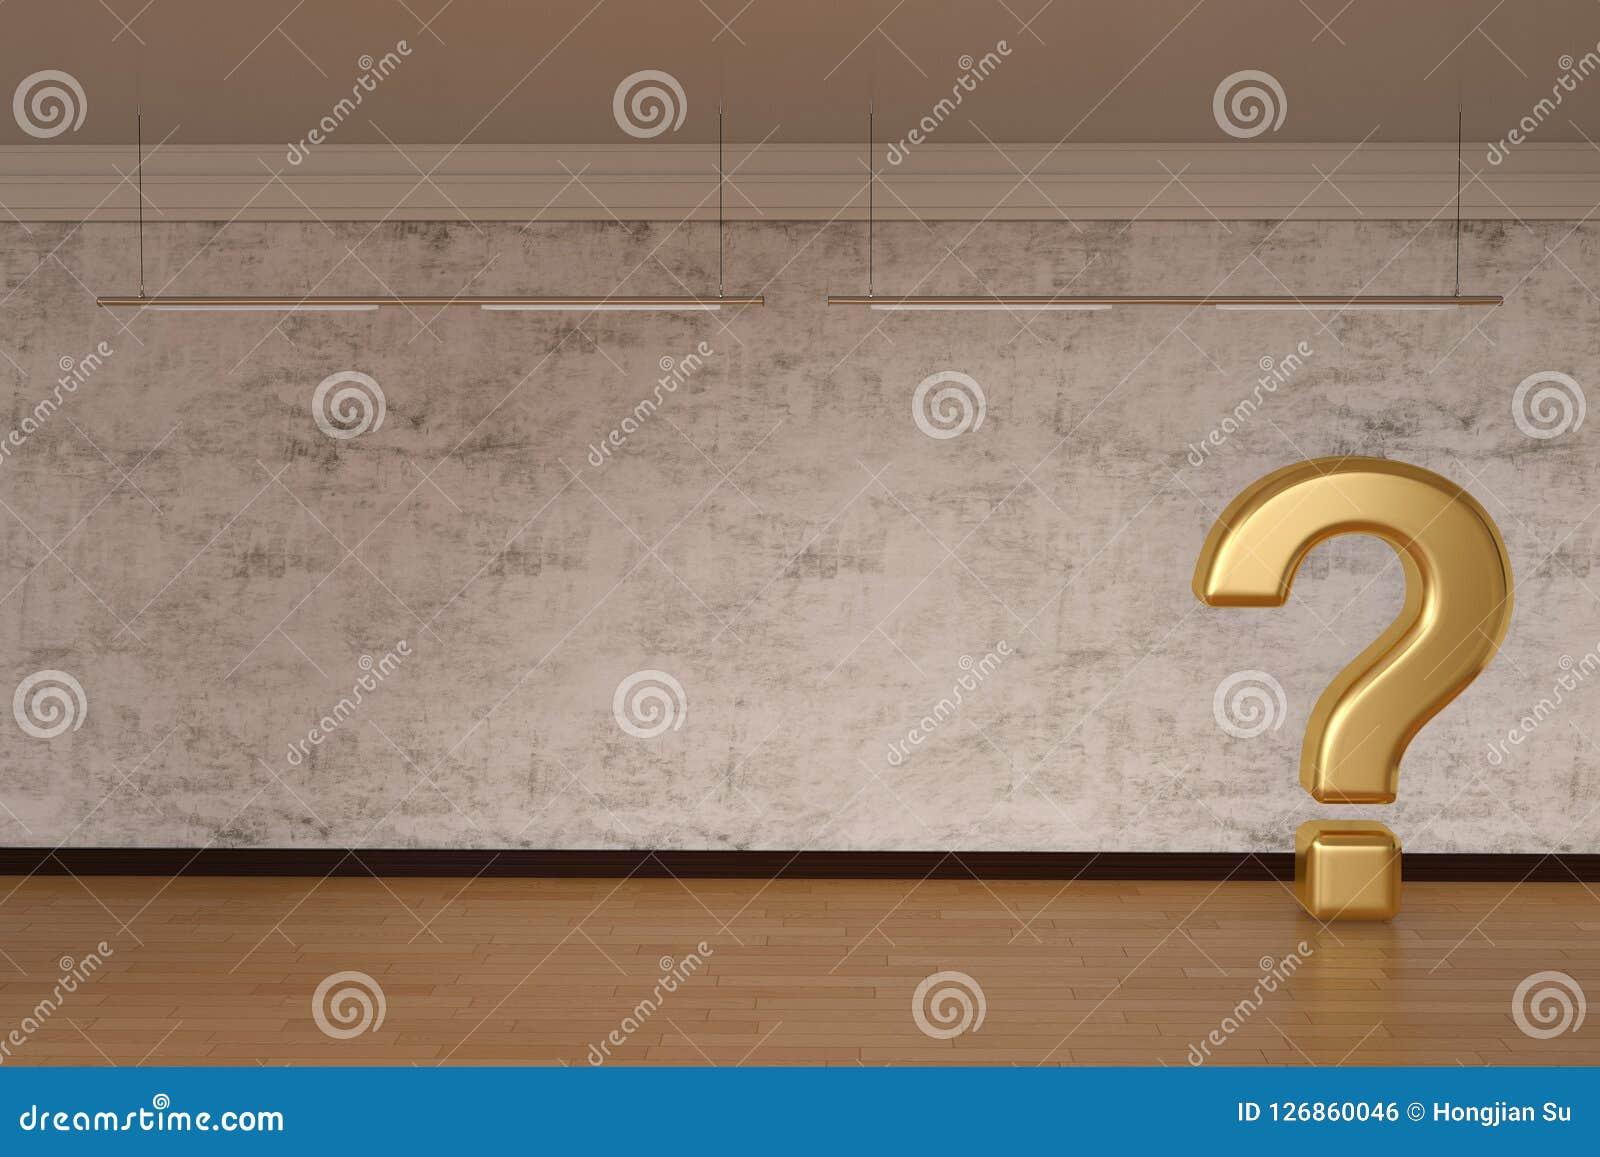 Segno dorato del punto interrogativo sull illustrazione del legno del pavimento 3D